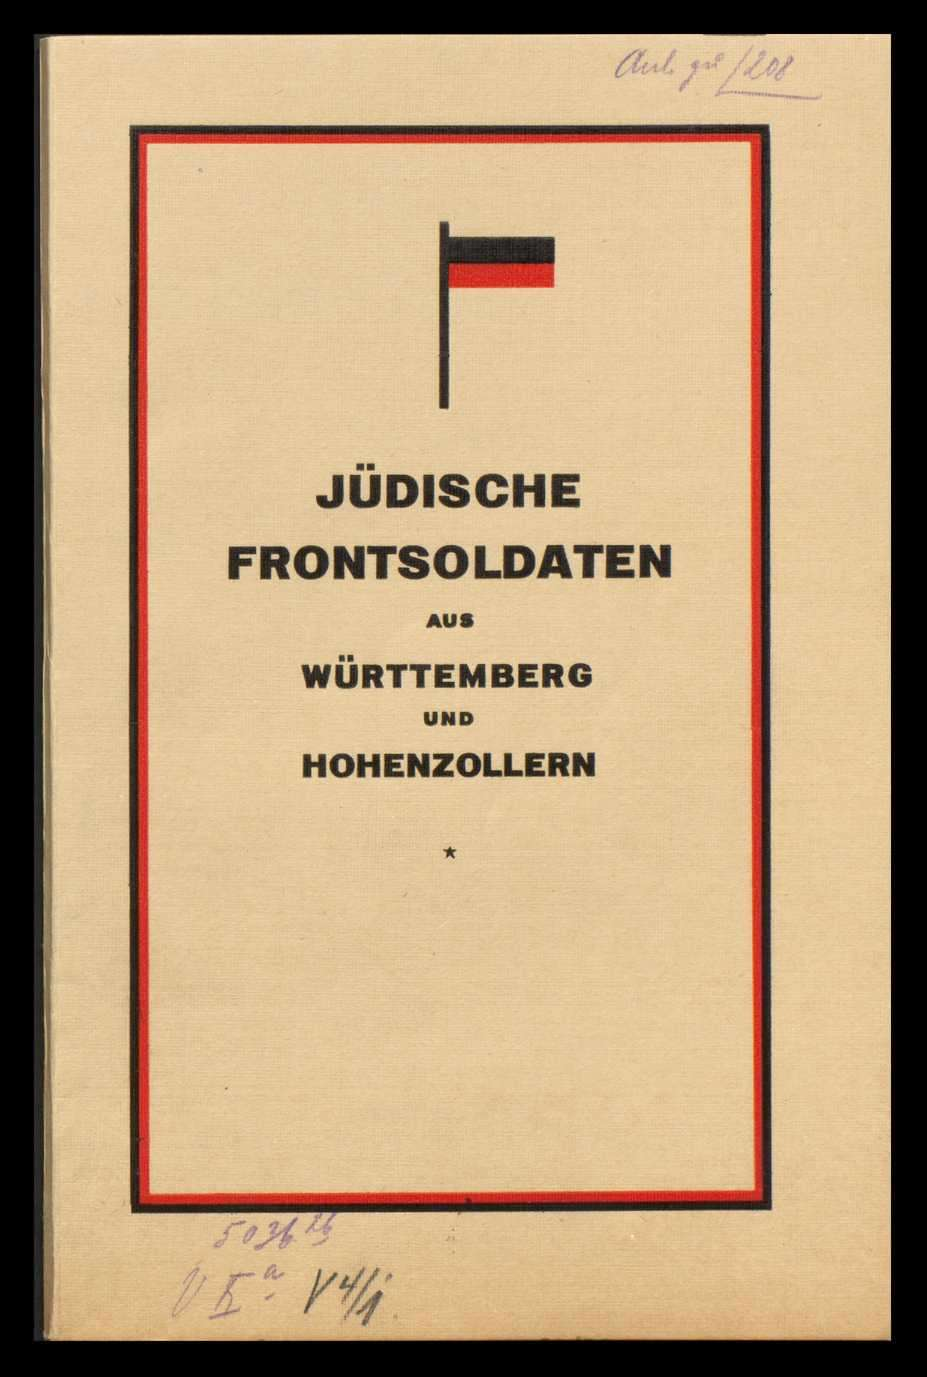 """Schrift """"Jüdische Frontsoldaten in Württemberg und Hohenzollern"""", herausgegeben vom Württembergischen Landesverband des Zentralvereins deutscher Staatsbürger jüdischen Glaubens., Bild 1"""